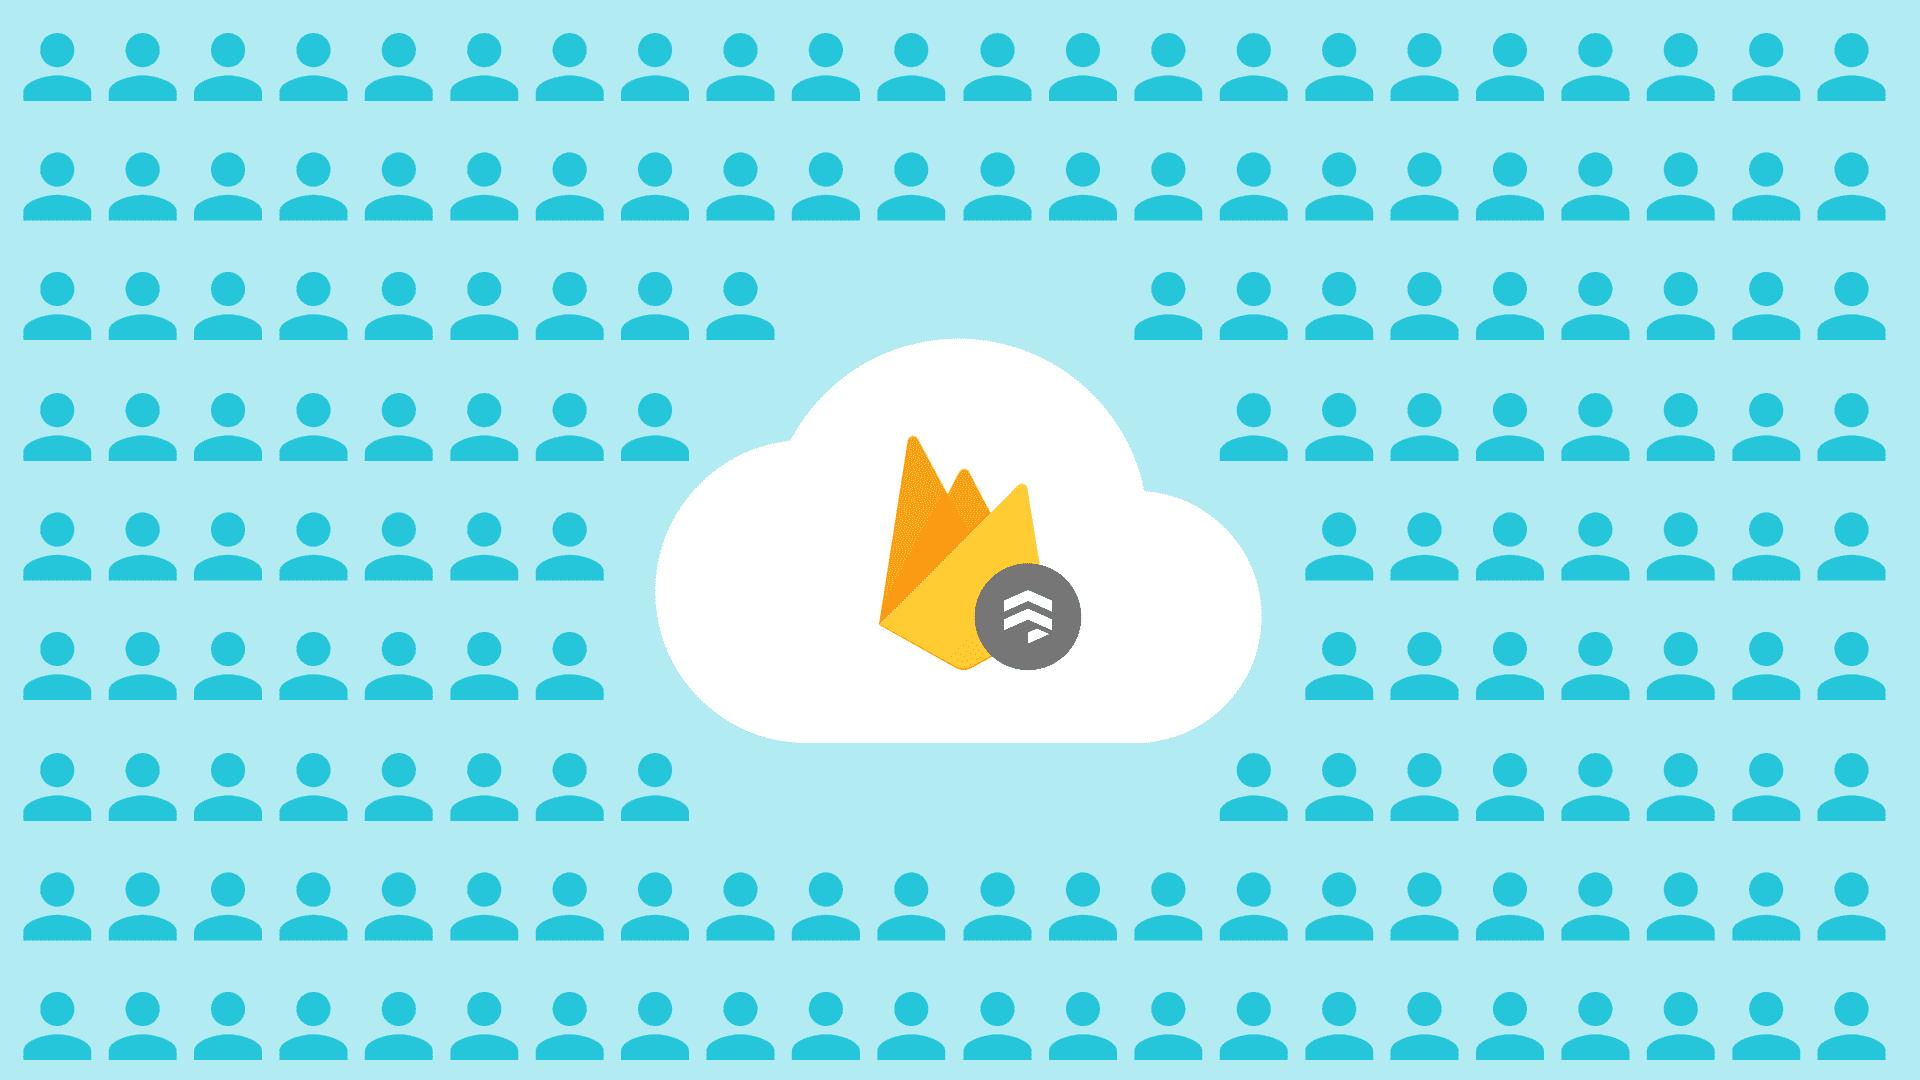 Ilustrasi anggota audience dan logo firebase firestore